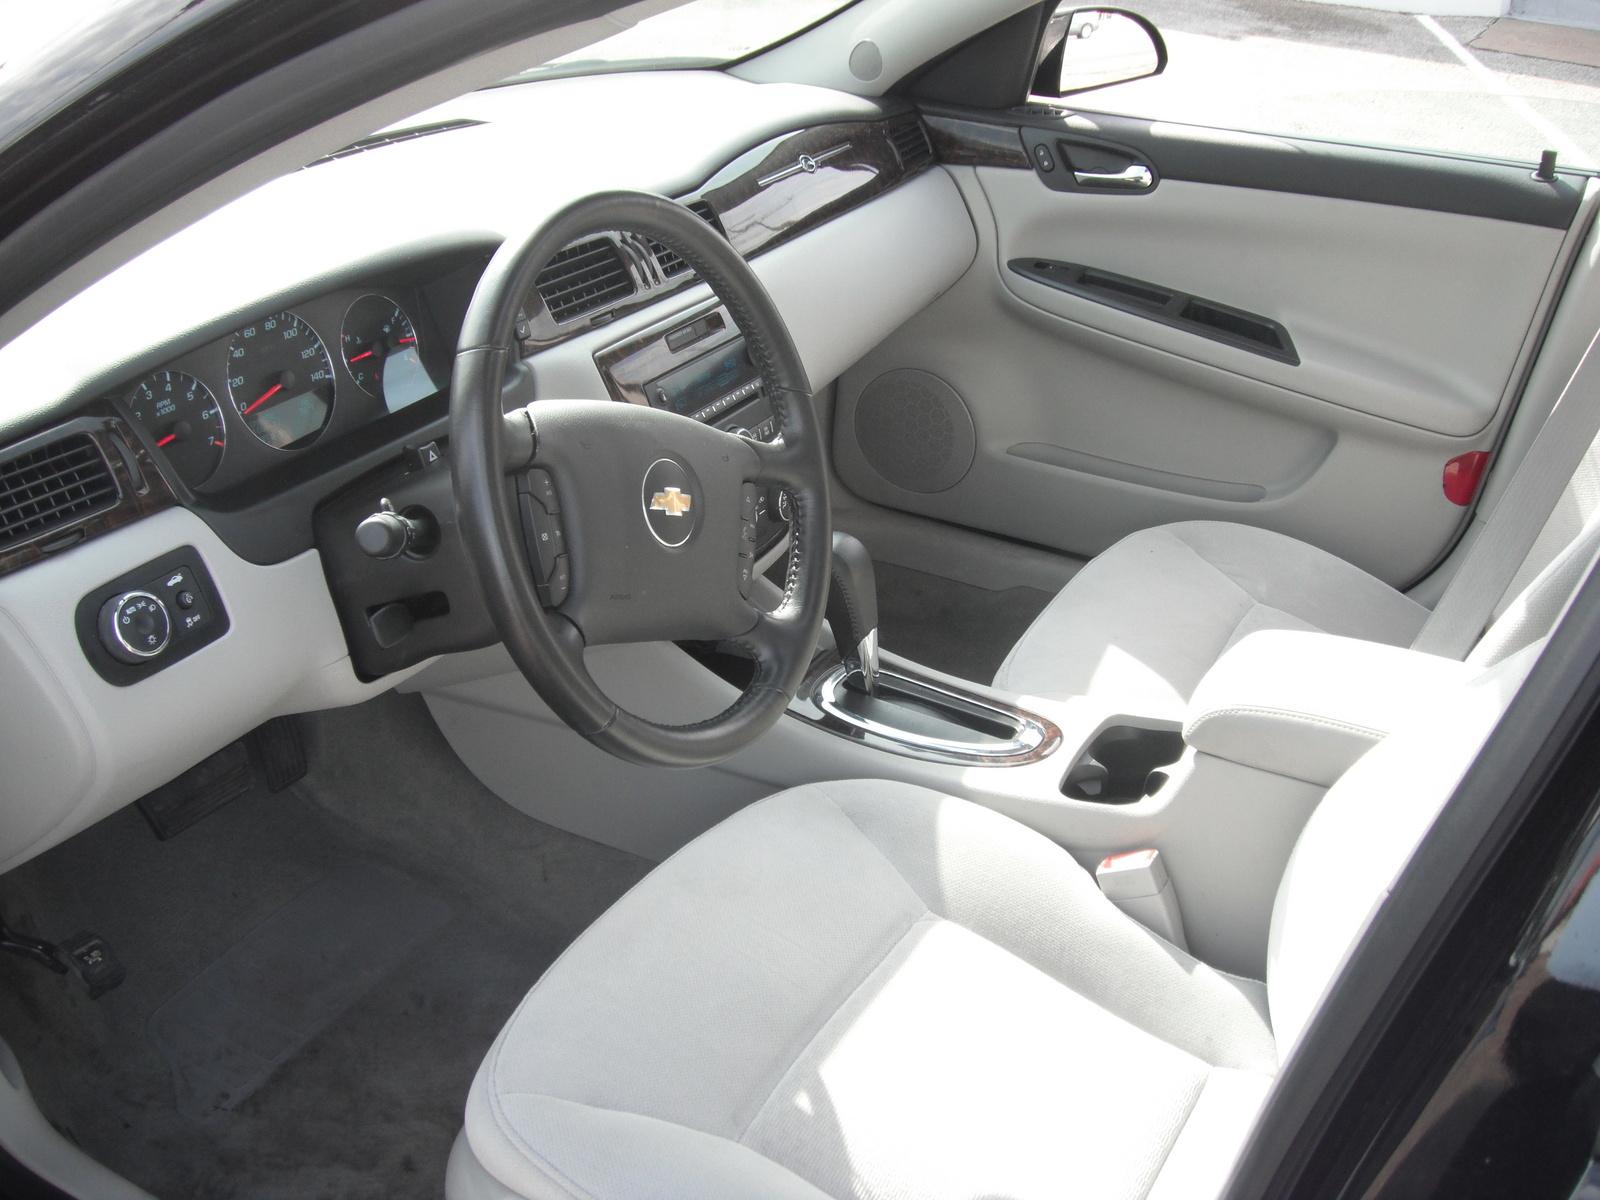 2013 Chevrolet Impala Interior Pictures Cargurus